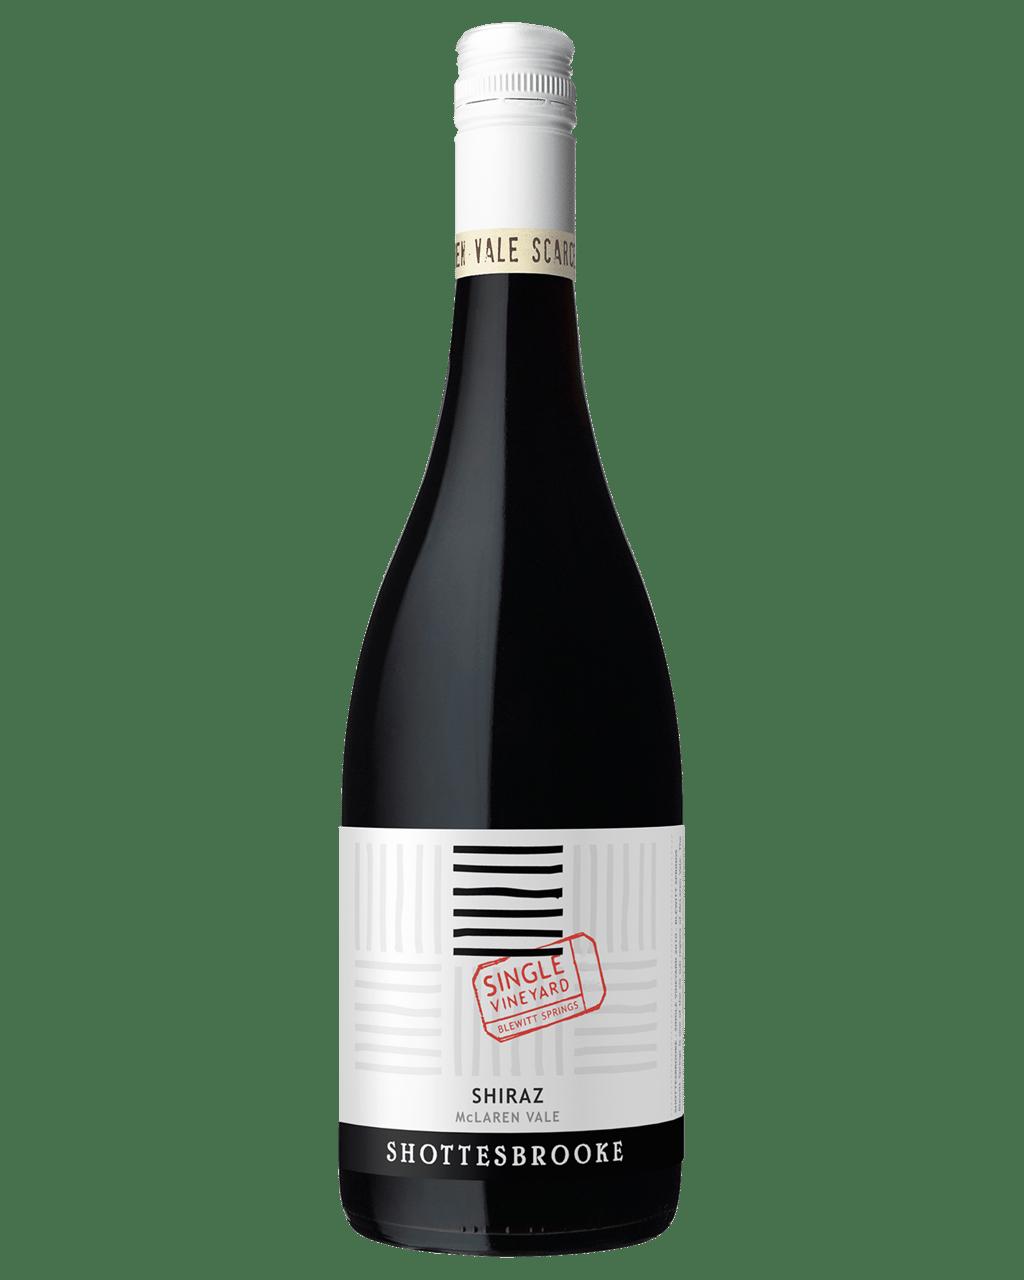 a8ce6a10ad1c79 Shottesbrooke Tom's Block Single Vineyard Shiraz 2014 | Dan Murphy's ...